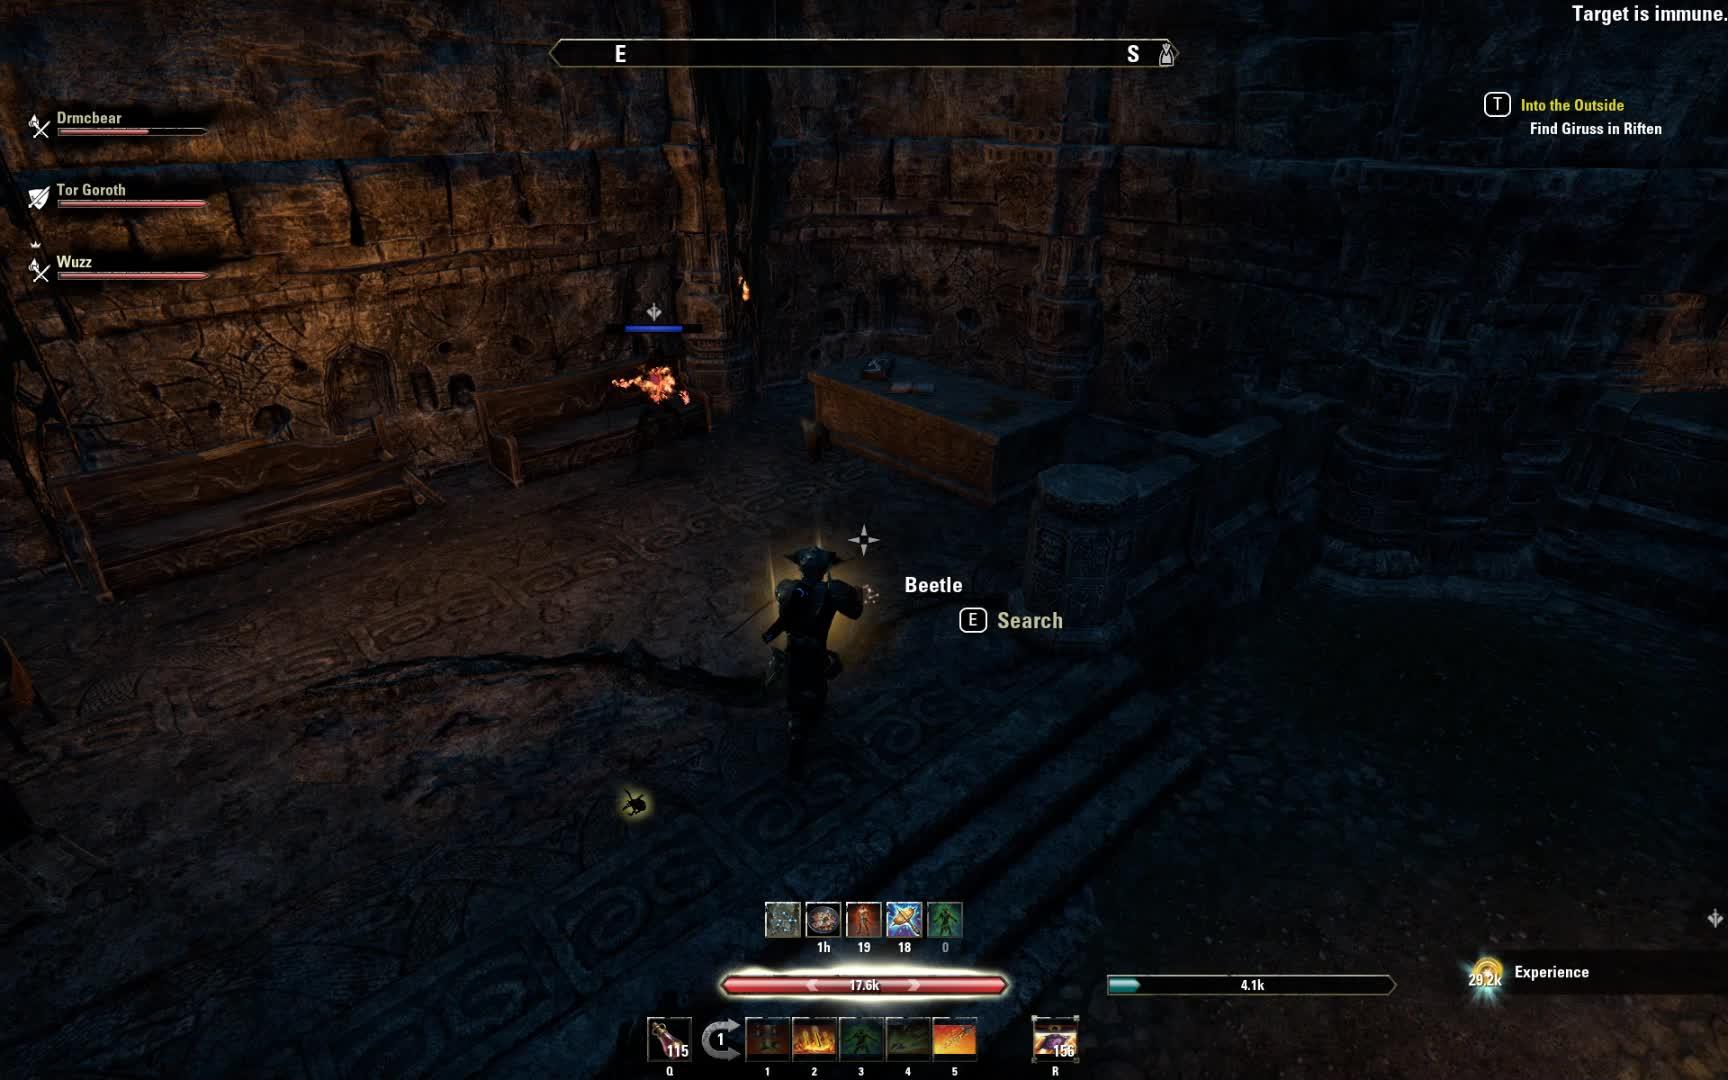 elderscrollsonline, Elder Scrolls Online 2019.01.29 - 21.57.55.21.DVR GIFs